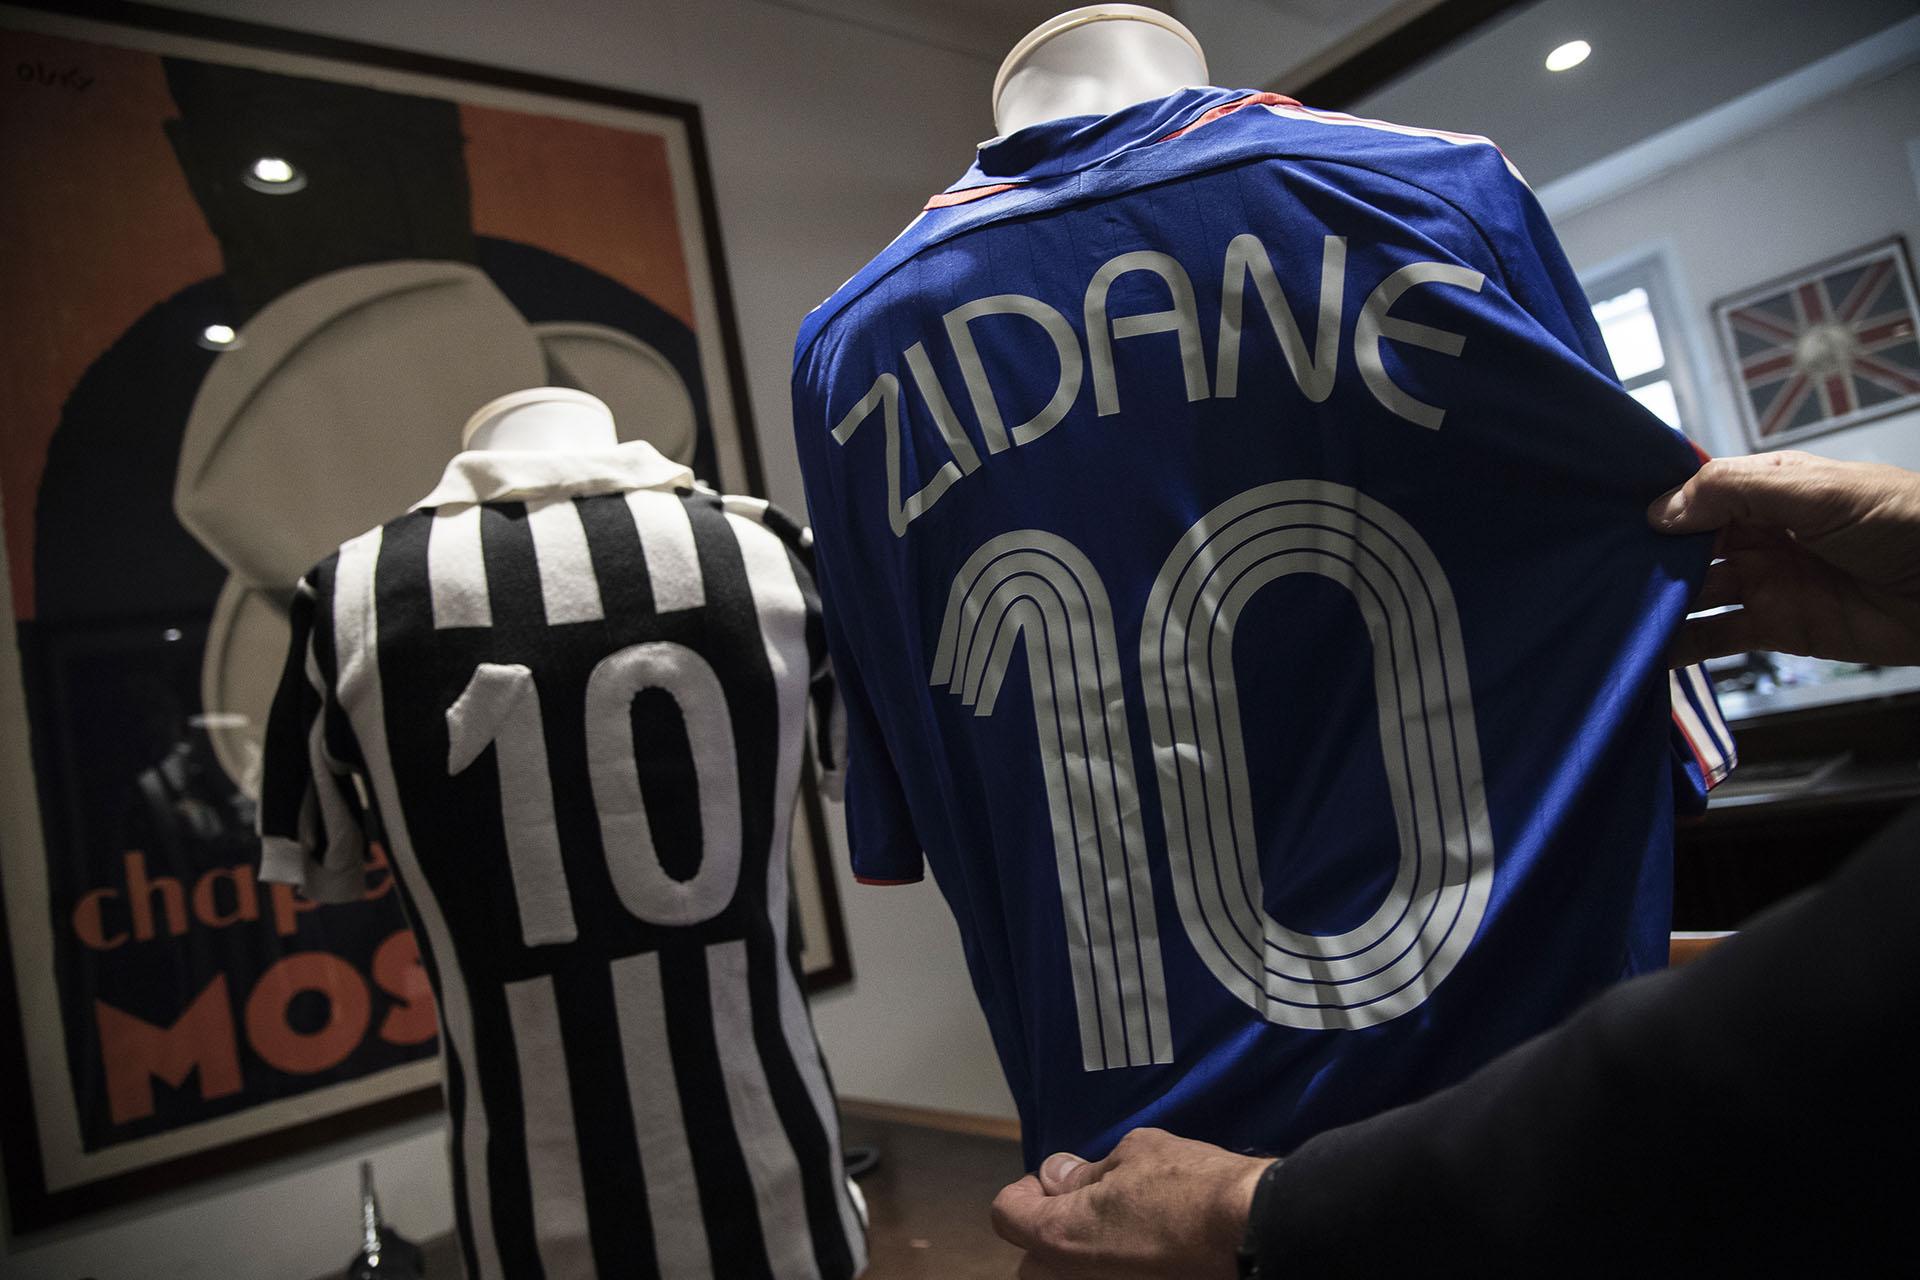 La imagen con las camisetas de dos figuras históricas francesas: la de la Juventus de Michel Platini (cotizada entre 5.000 y 7.500 euros) y la de la selección de Zidane (Photo by MARCO BERTORELLO / AFP)